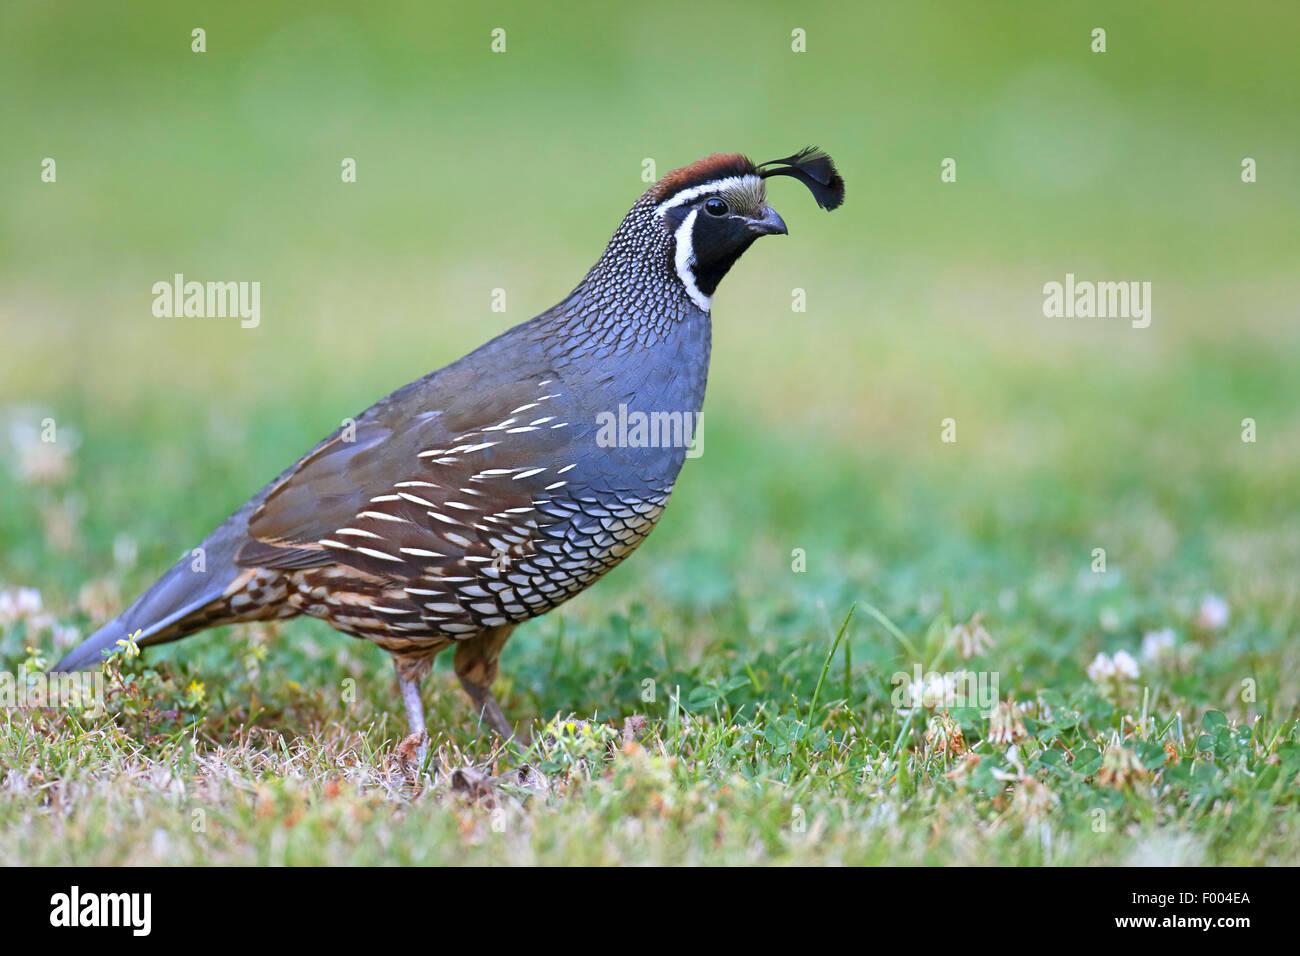 california quail callipepla californica lophortyx californica male standing in a meadow canada vancouver island victoria